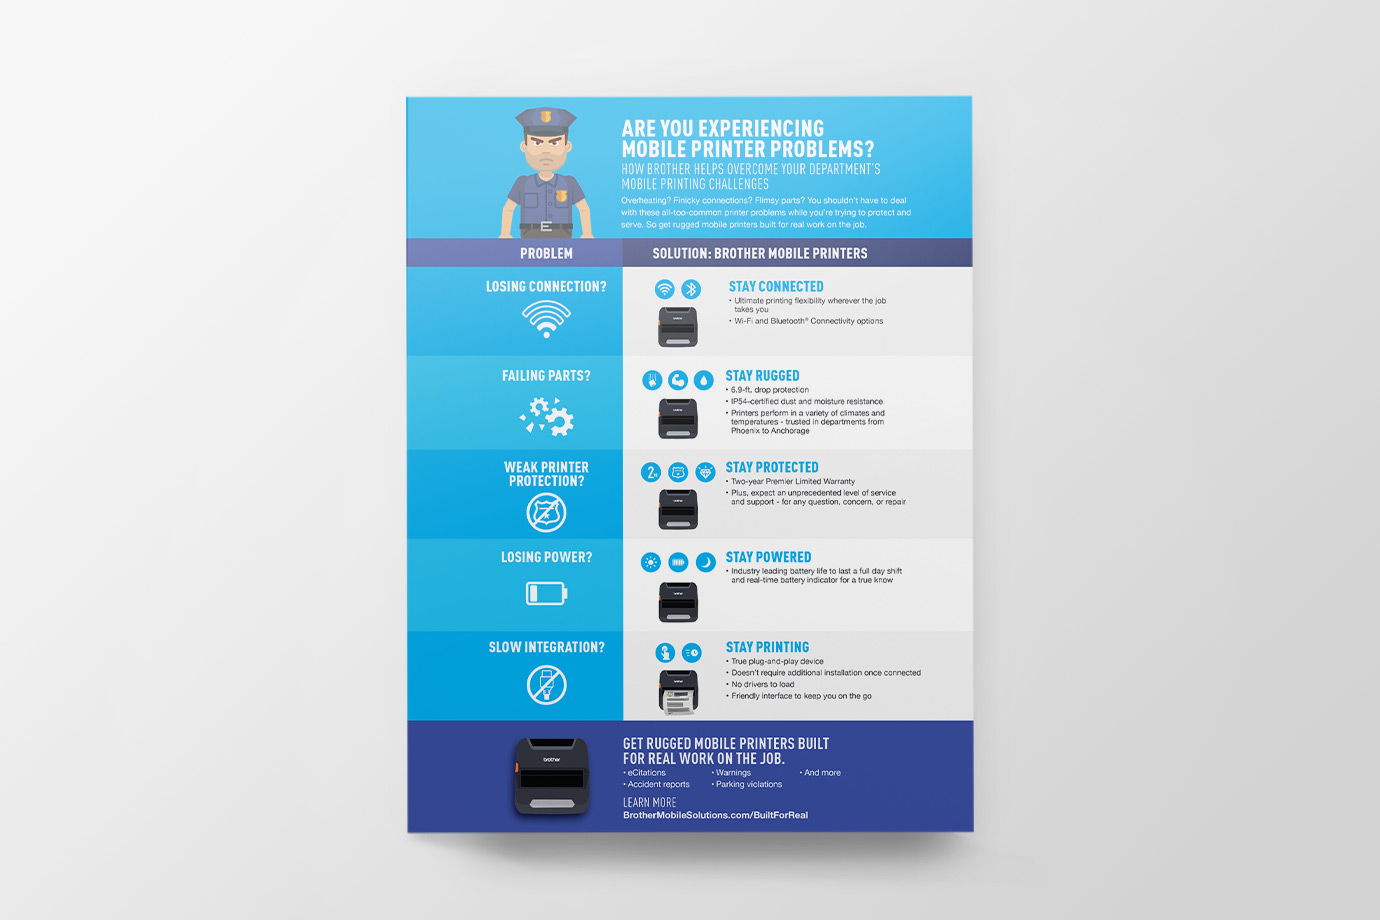 BON_BMS_RJ4250_infographic.jpg